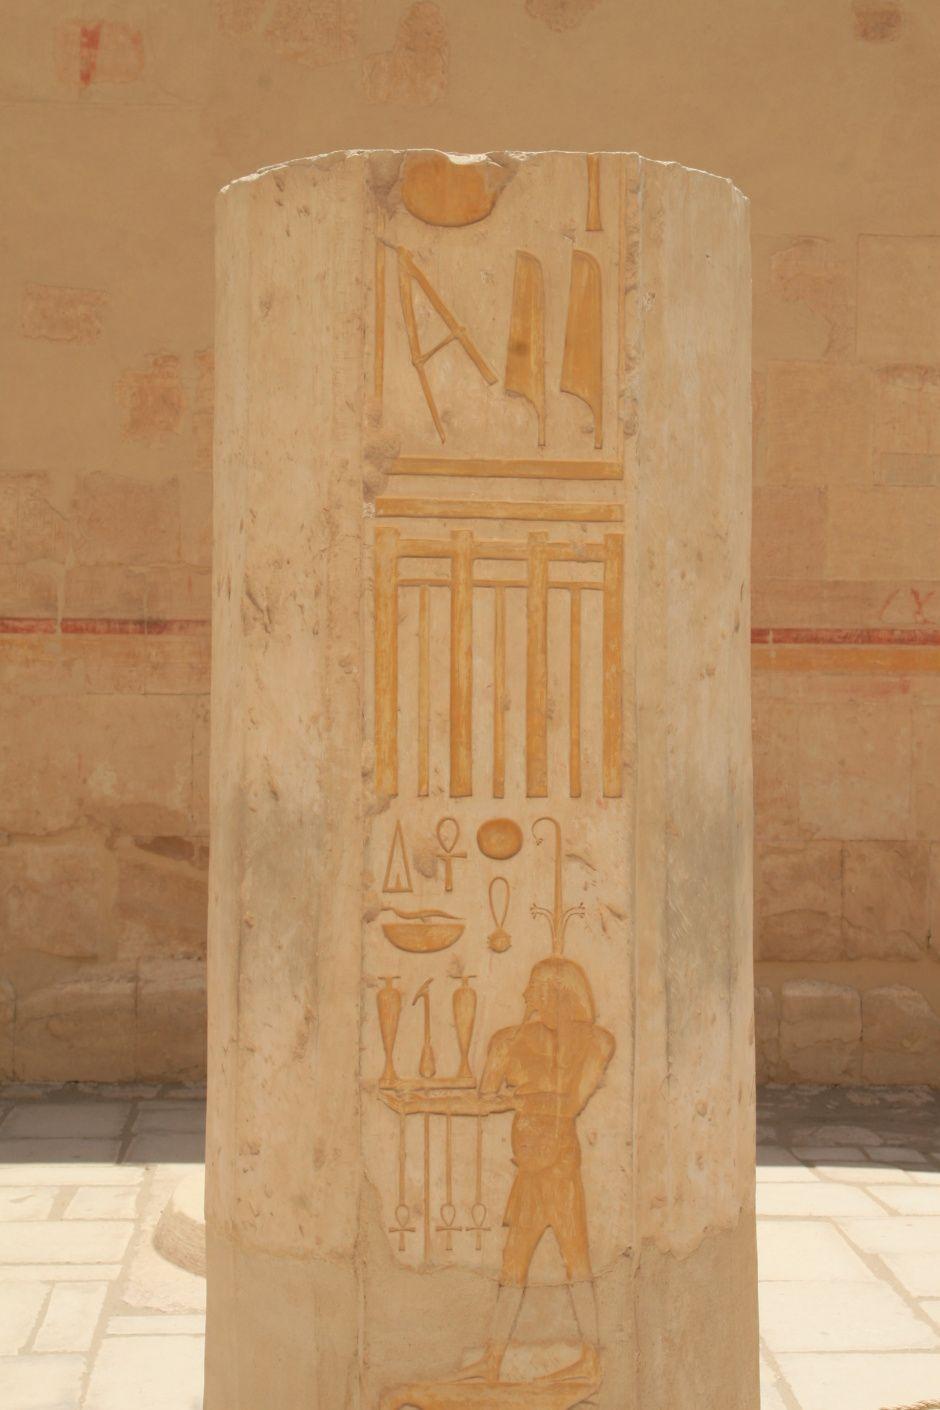 이집트 문양 - Google 검색